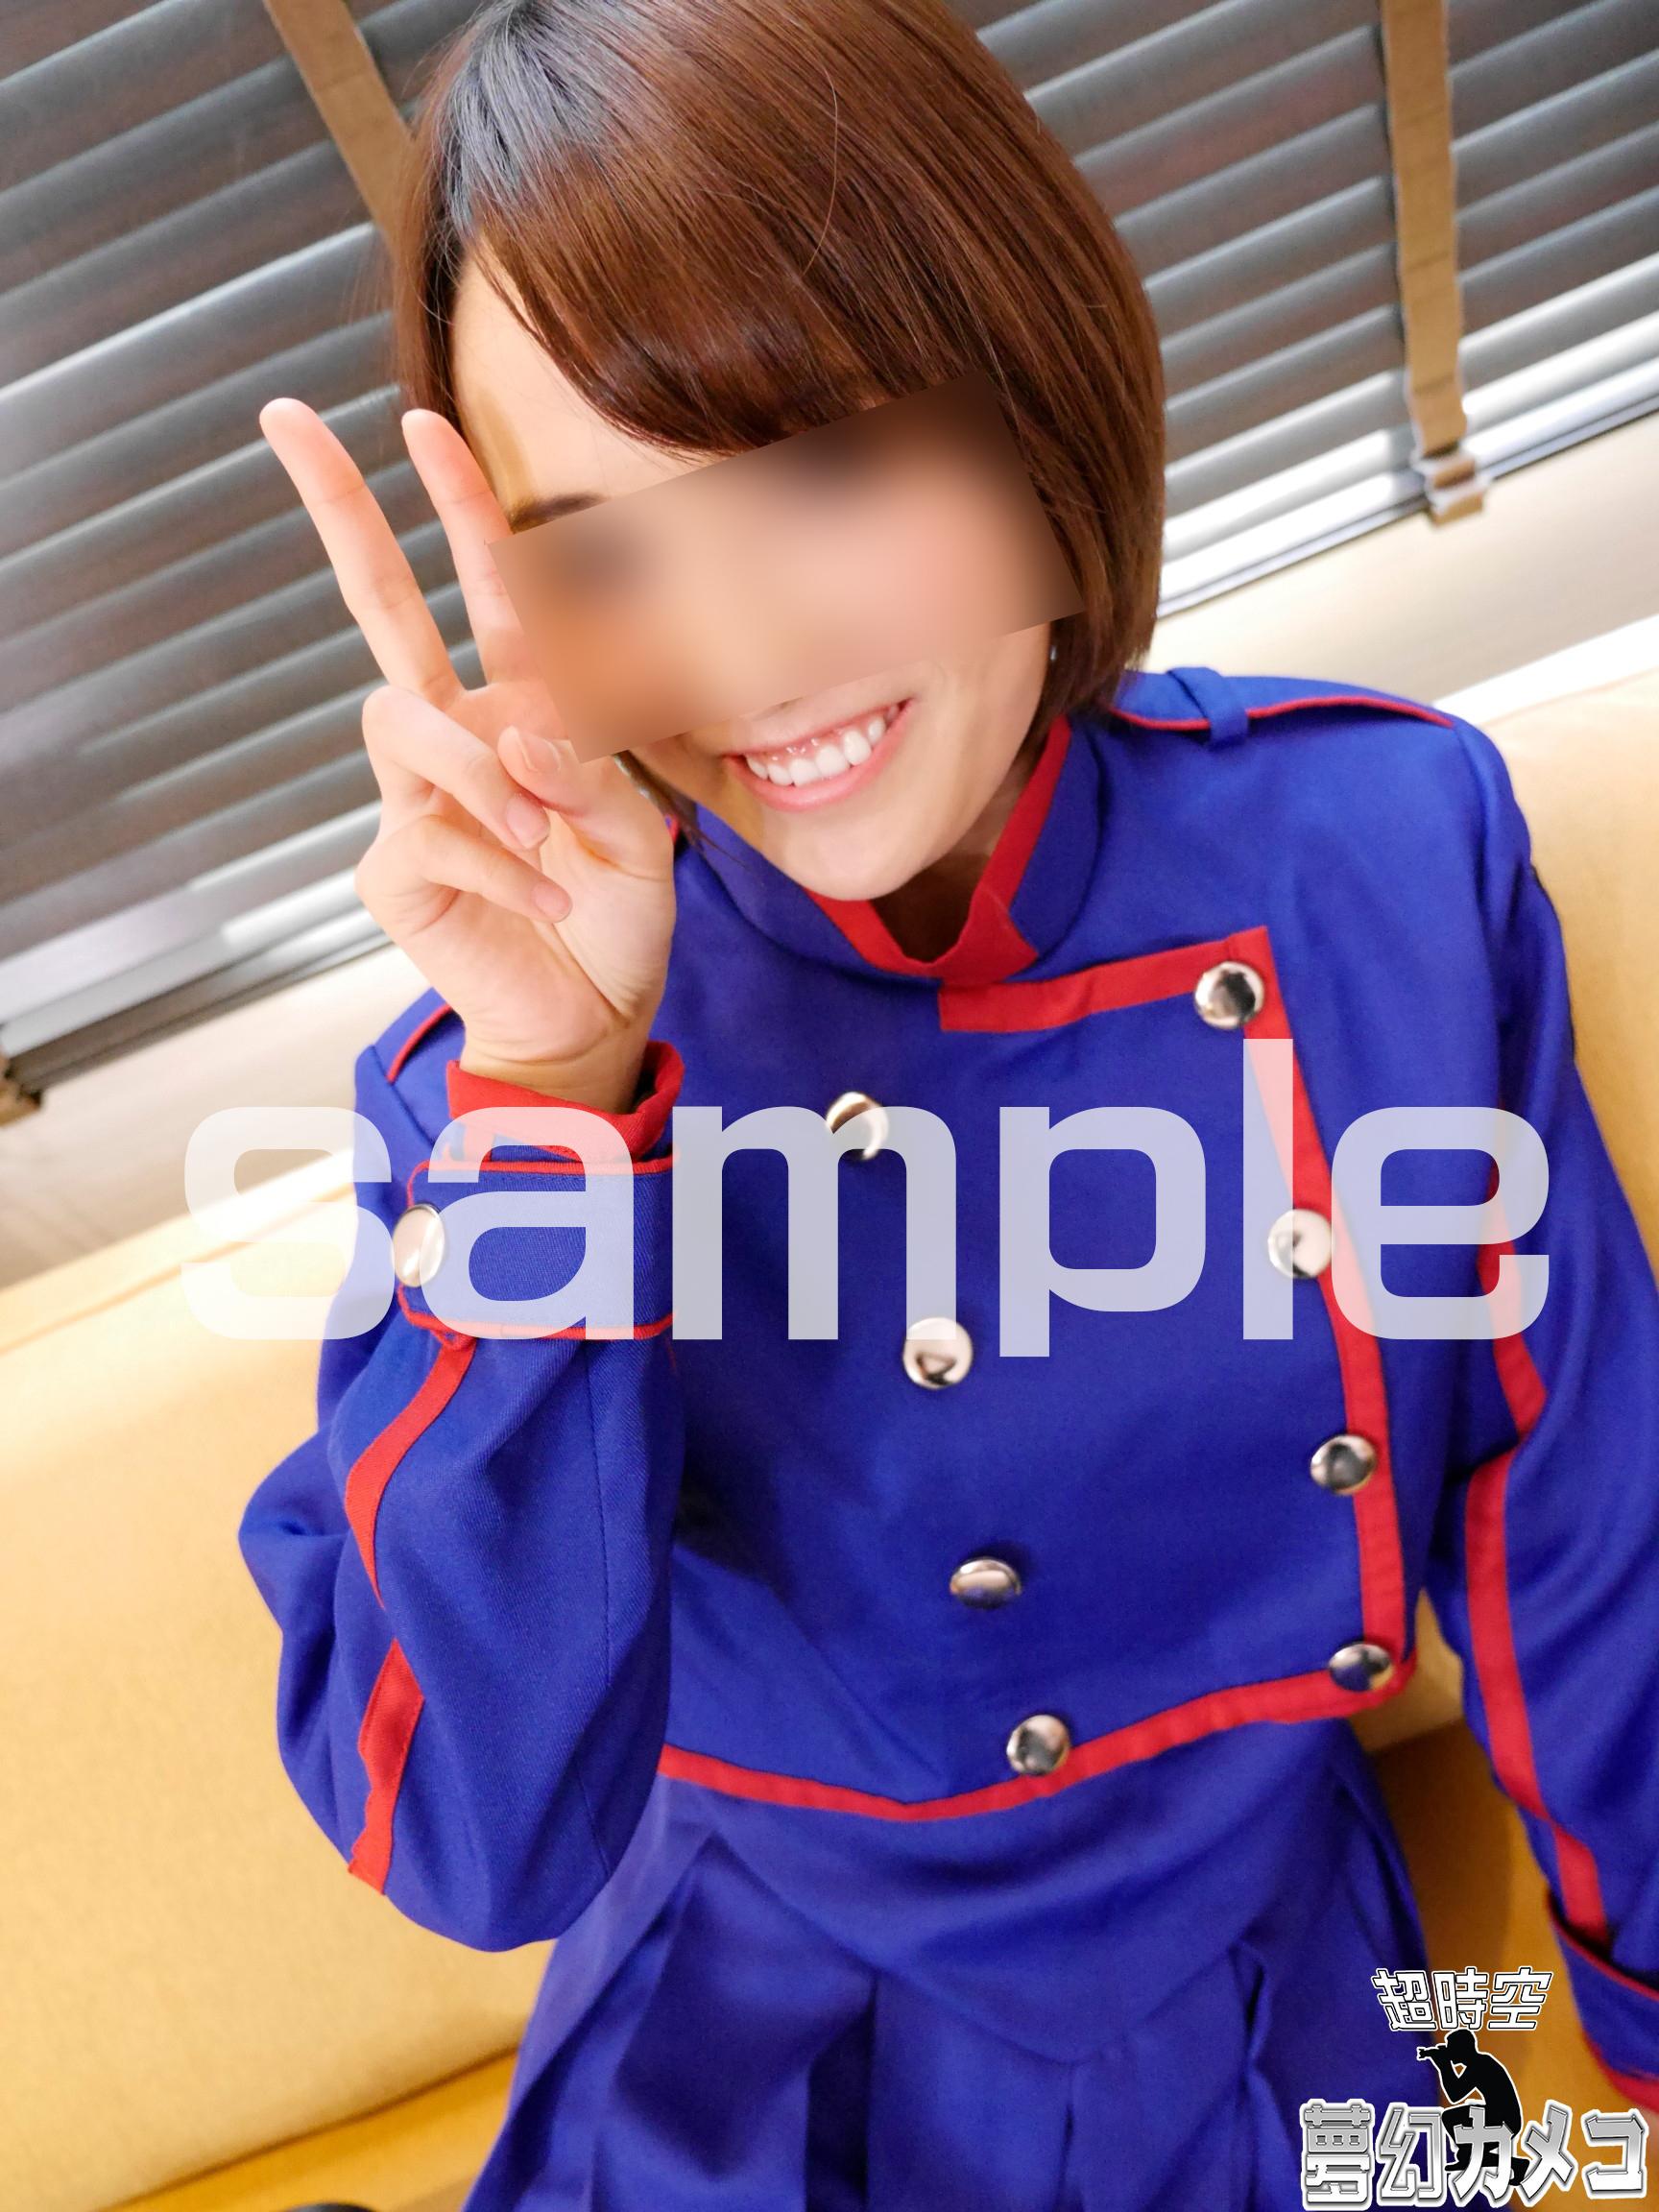 sample (6).jpg